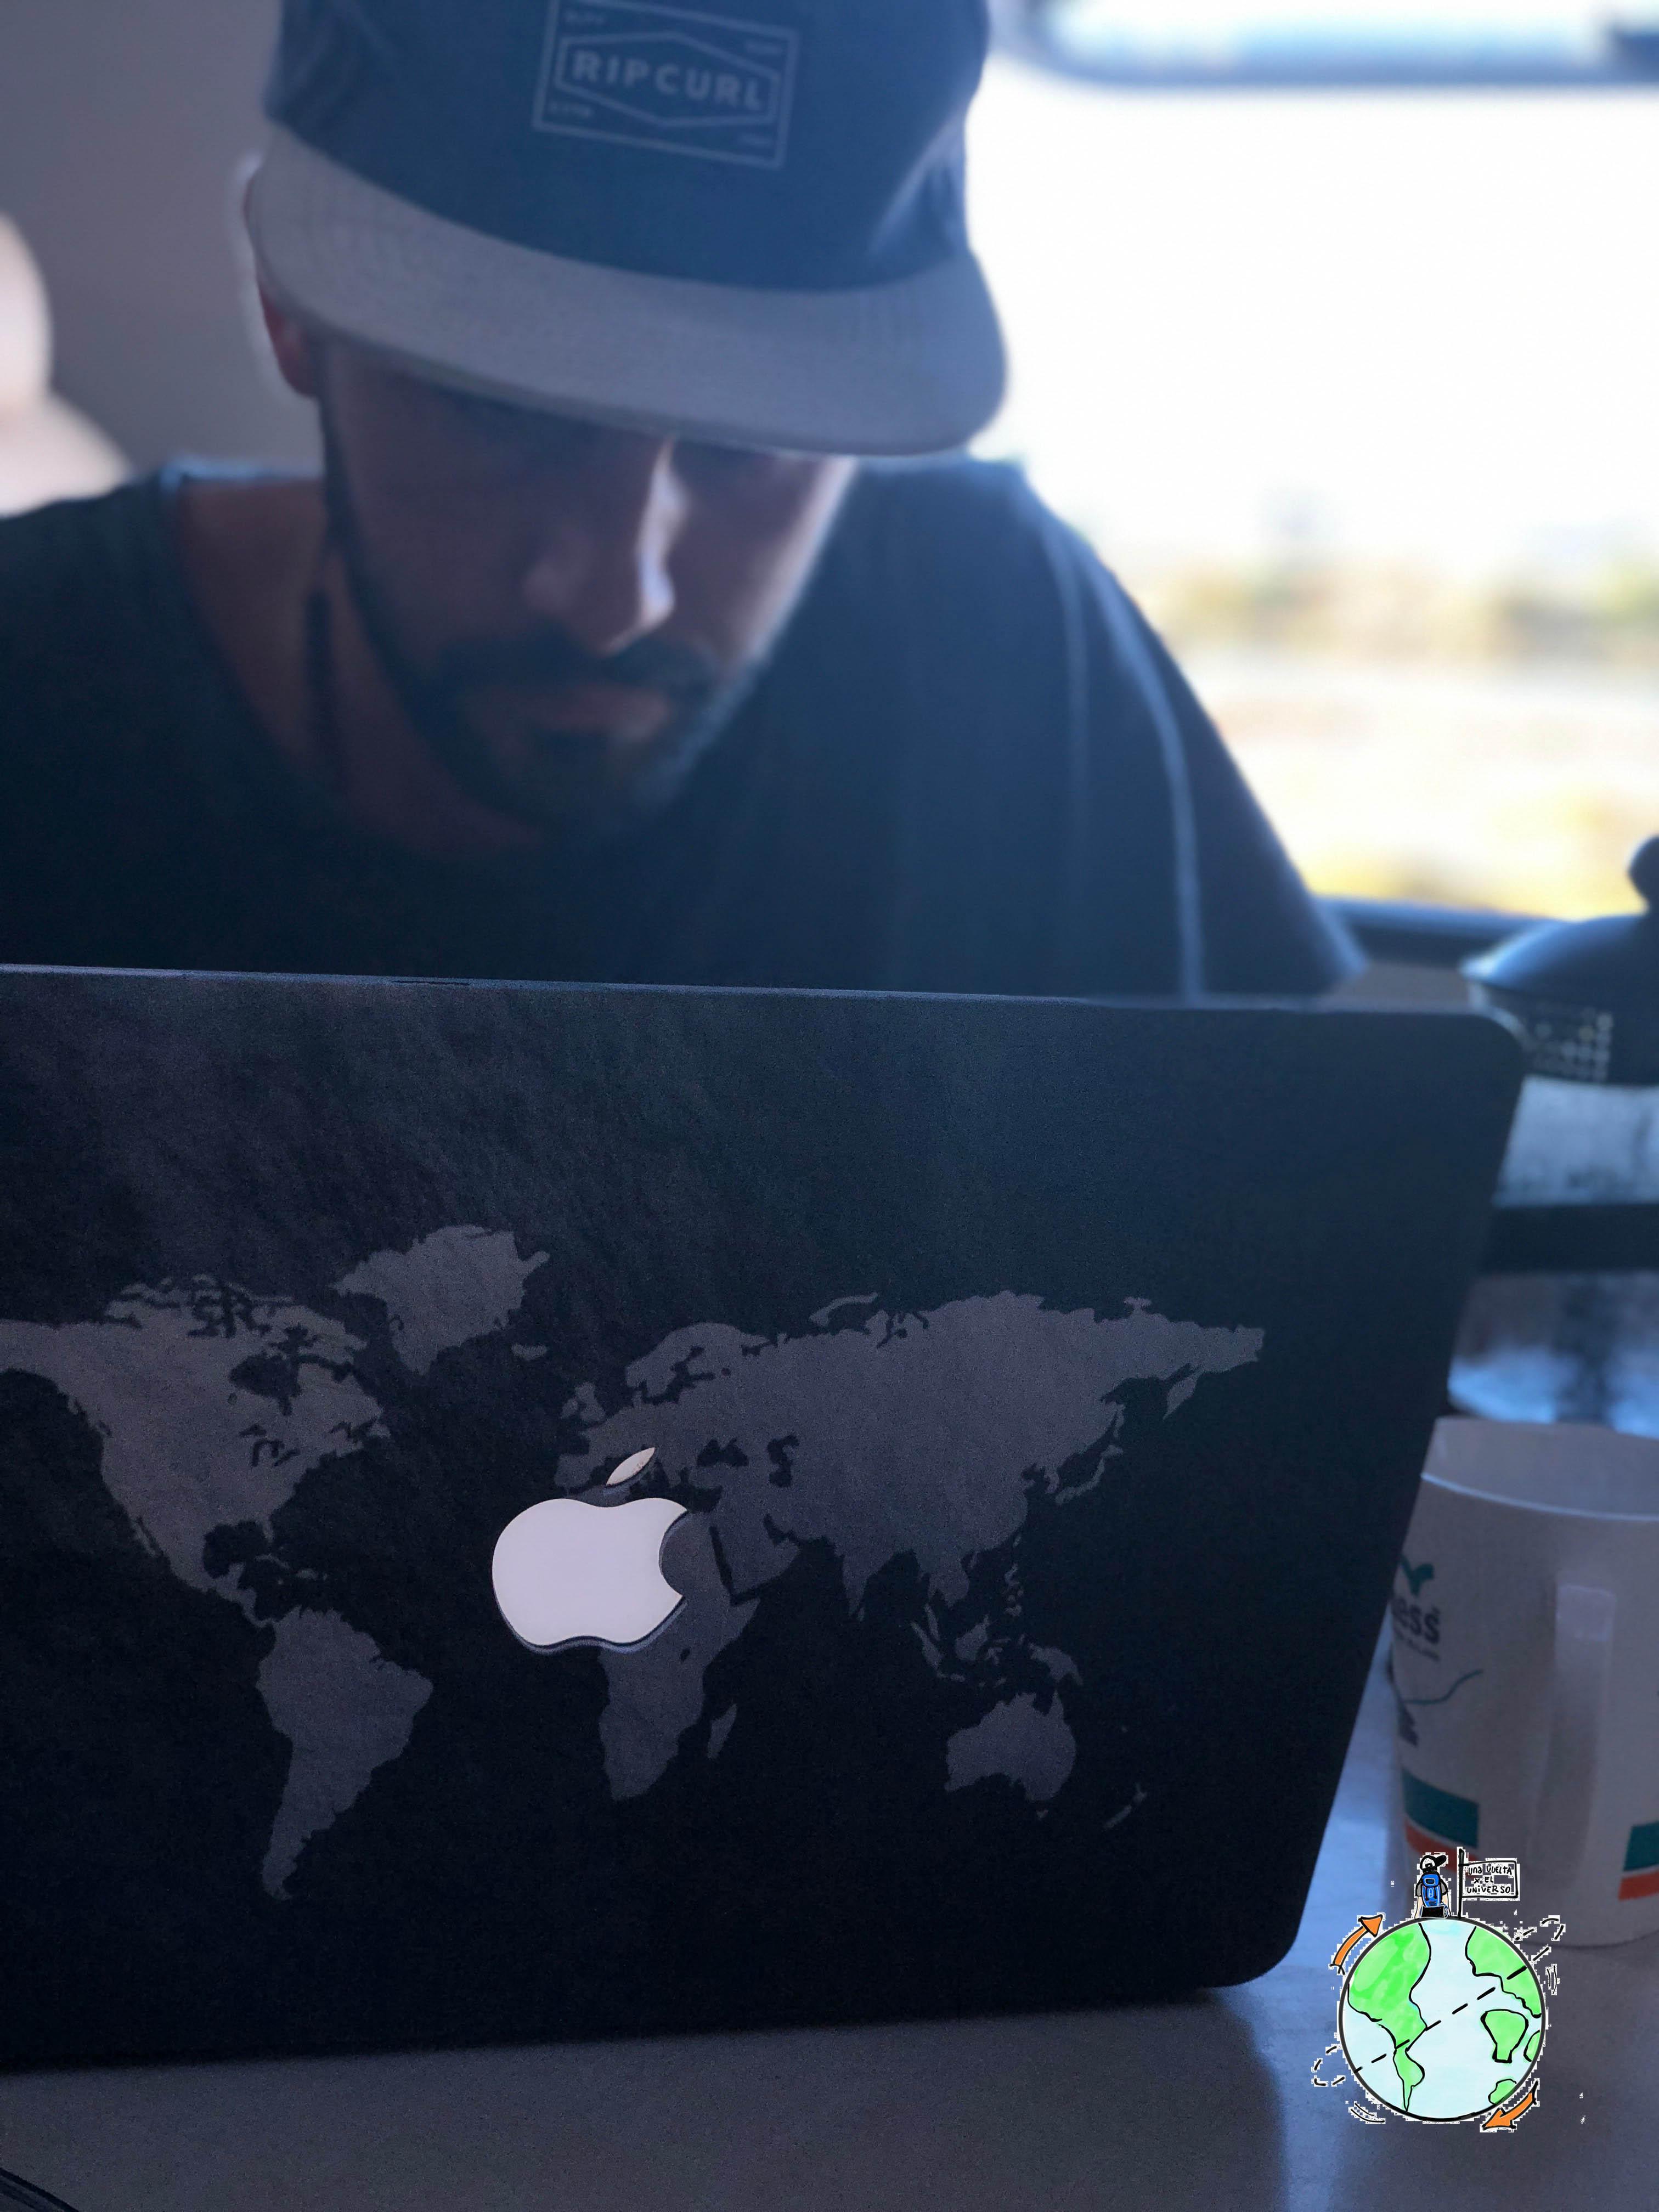 Trabajar de manera freelance requiere buscar el momento adecuado para cumplir obligaciones. Siempre con la notebook cerca